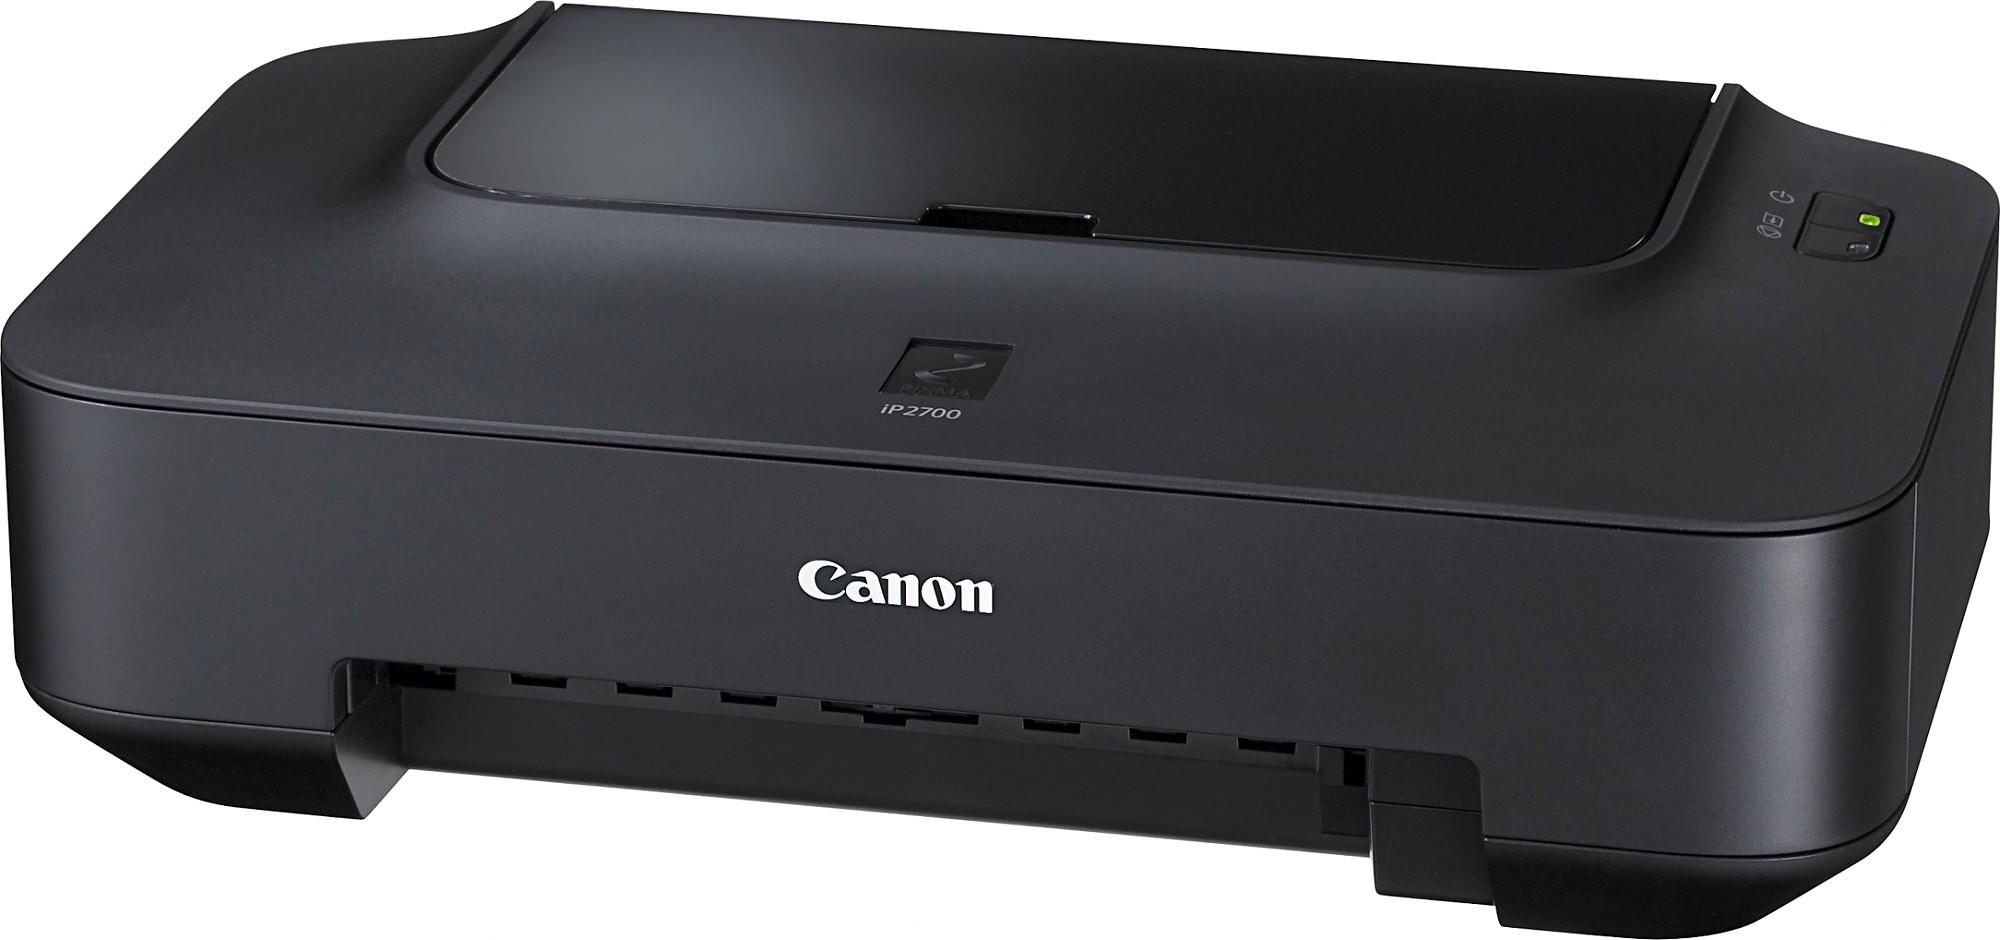 драйвер canon ip-2700 скачать